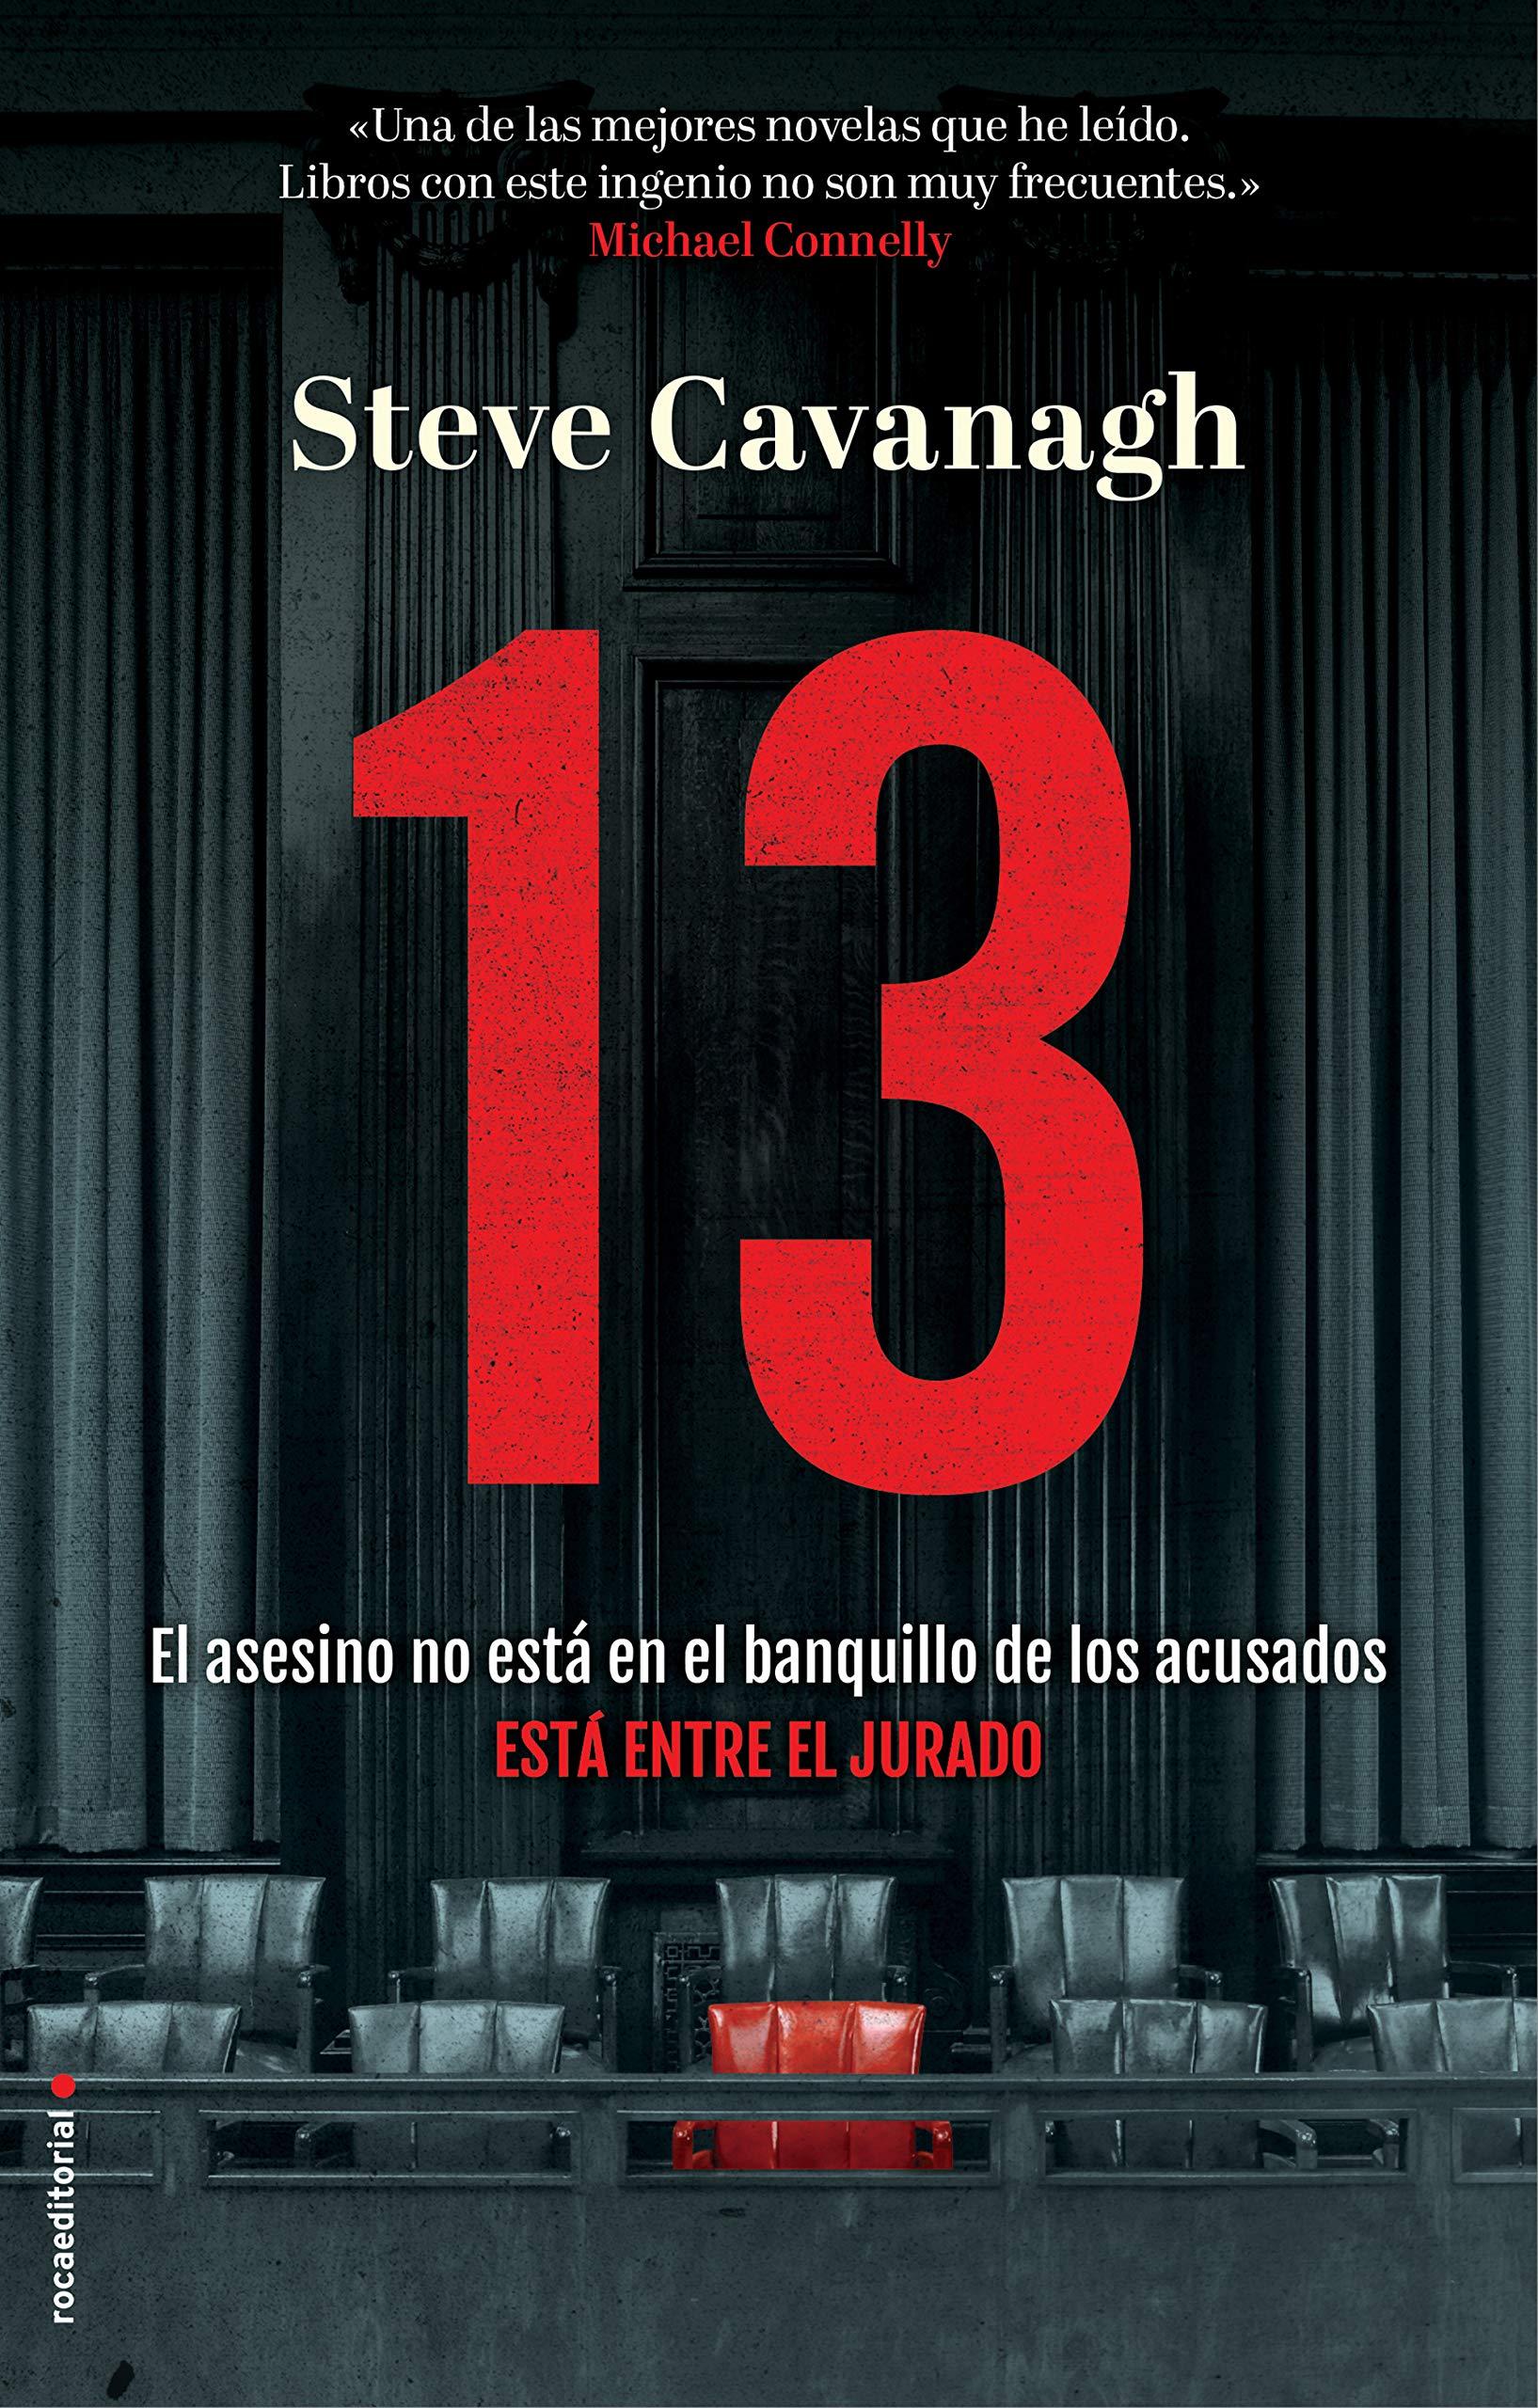 13. El asesino no está en el banquillo de los acusados, está entre el jurado (Thriller y suspense) por Steve Cavanagh